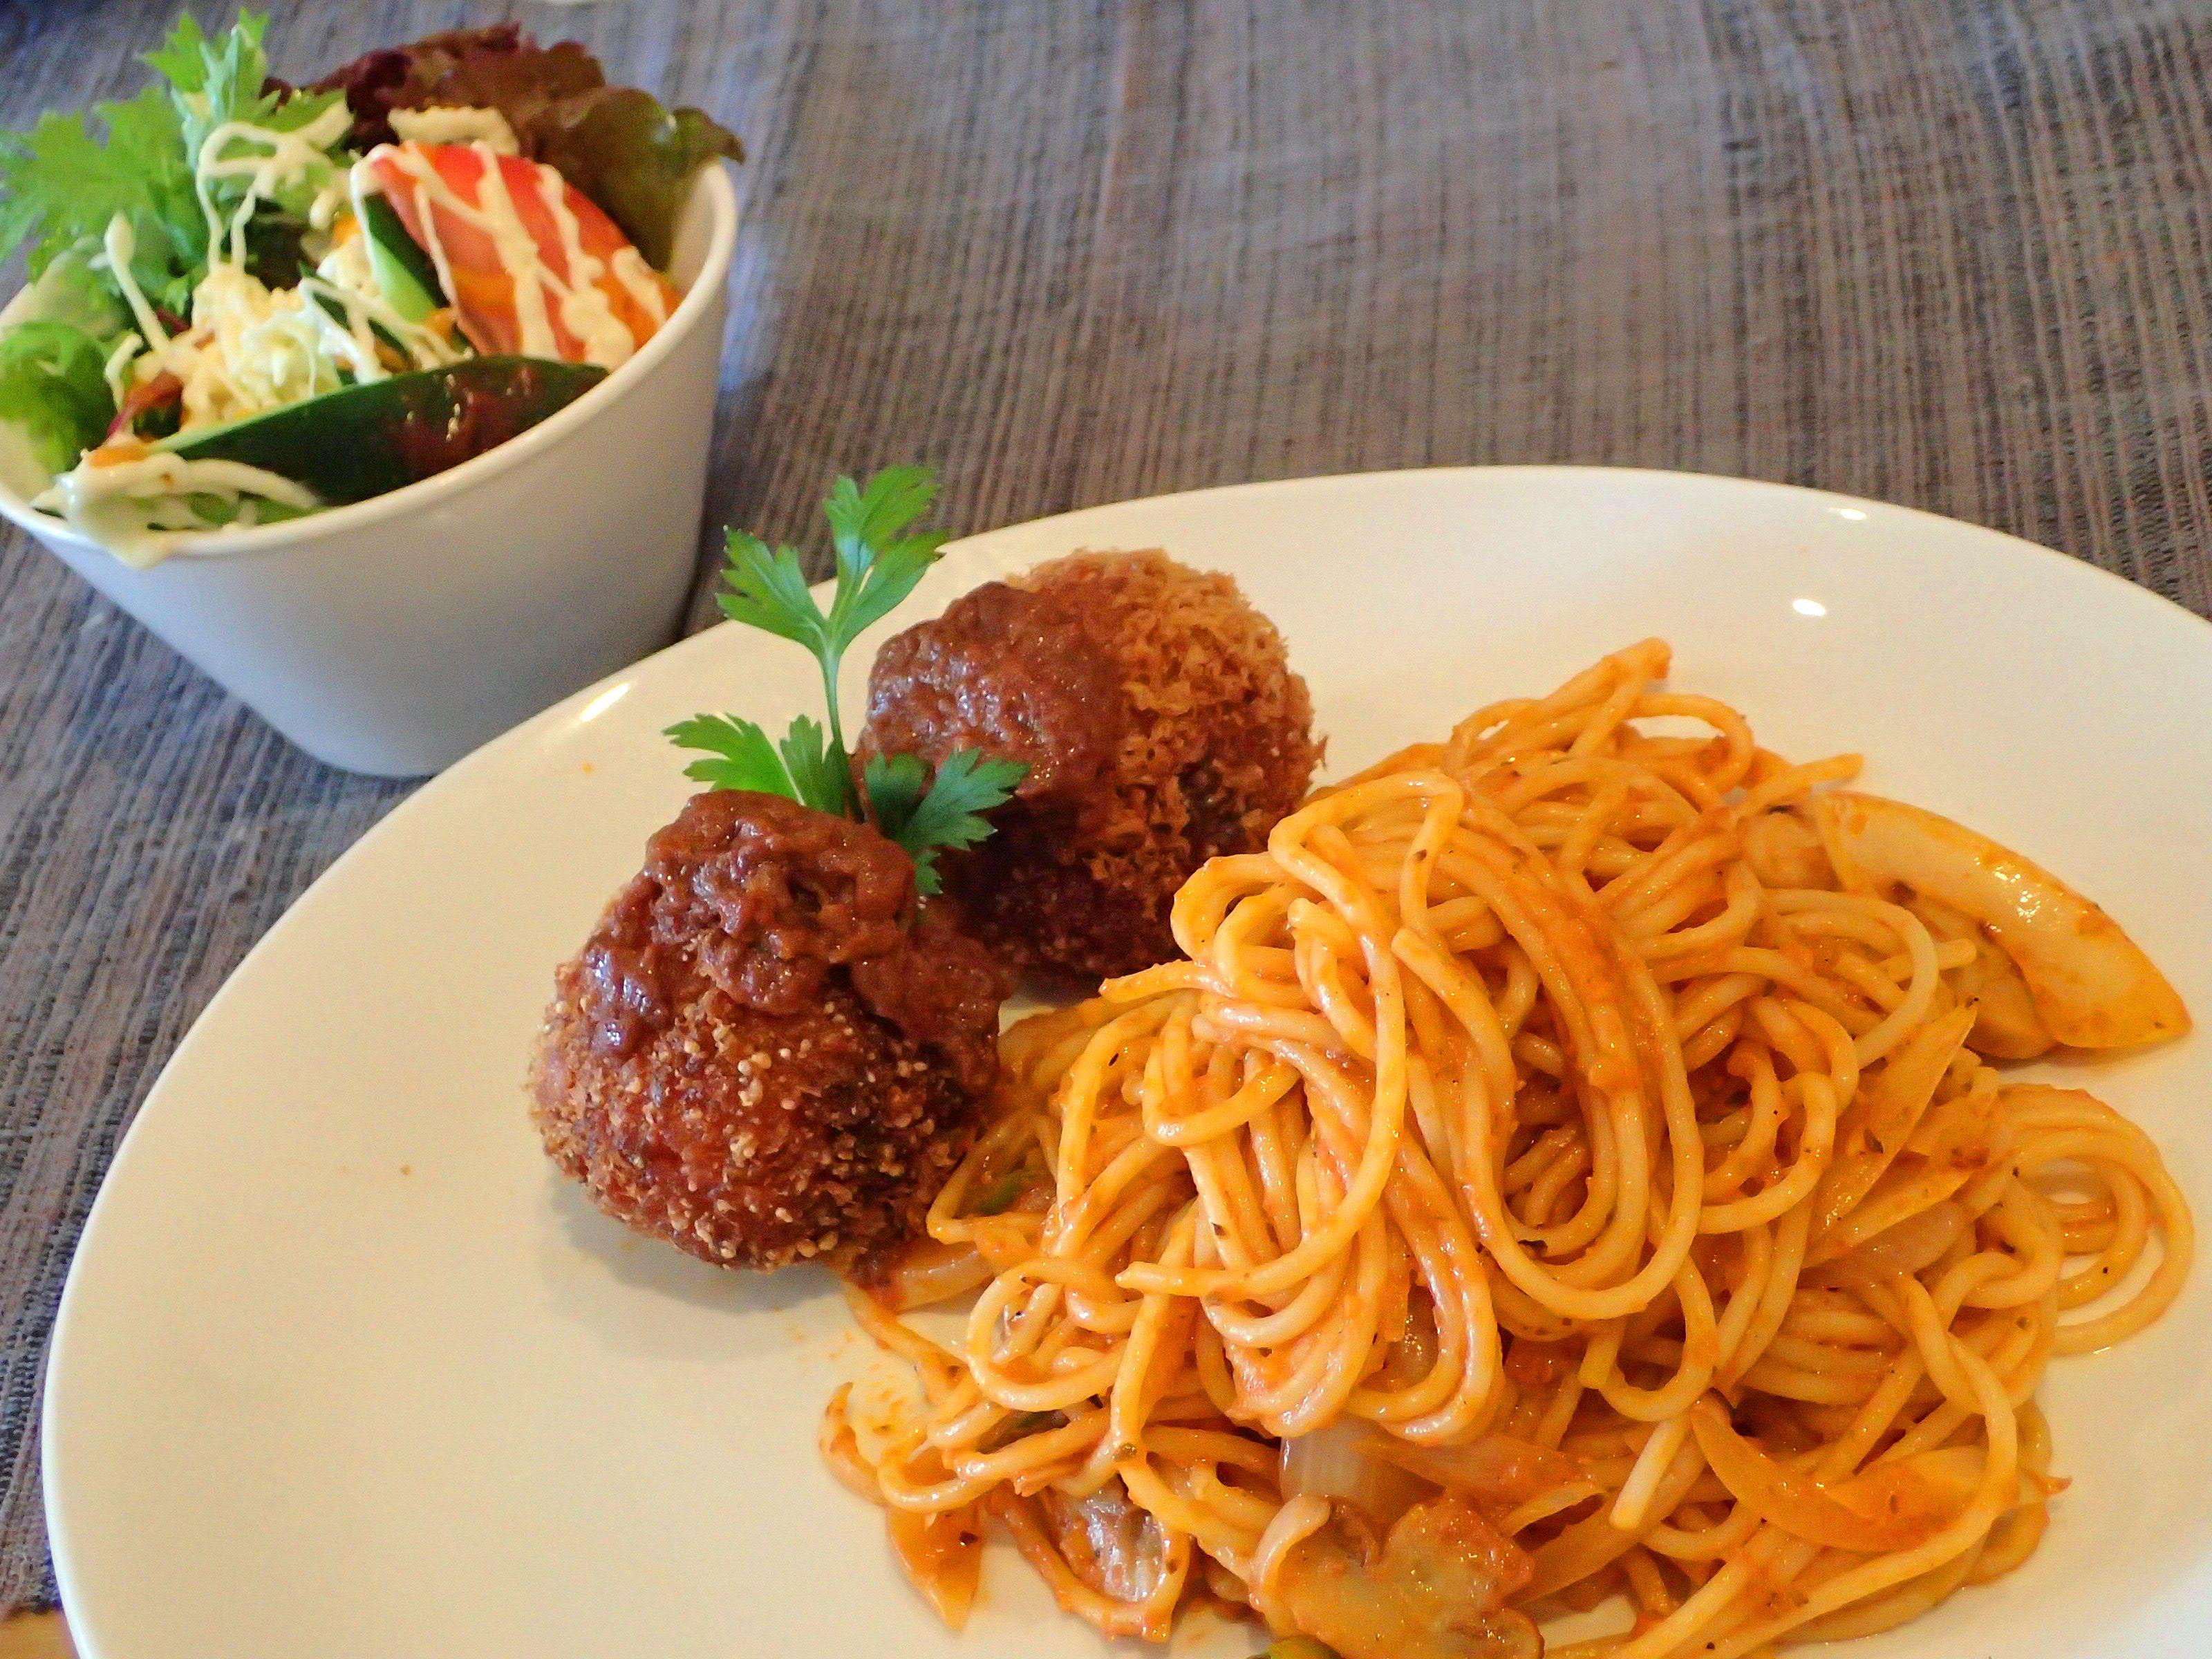 Pomidoro (ポミドーロ)